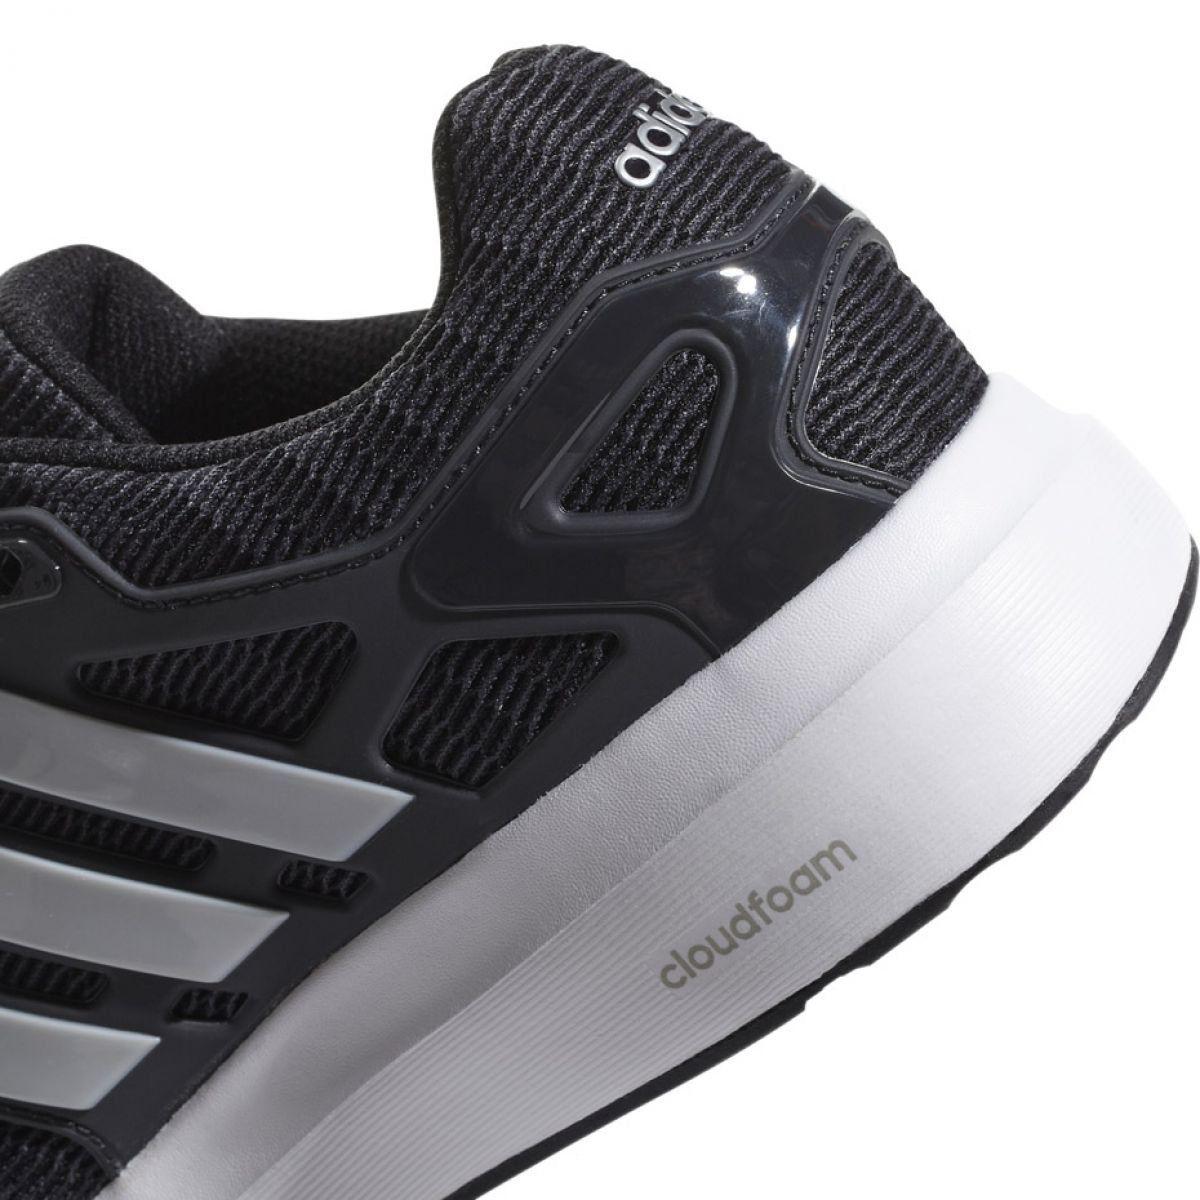 Buty Biegowe Adidas Energy Cloud V M B44846 Czarne Black Running Shoes Running Shoes Adidas Running Shoes